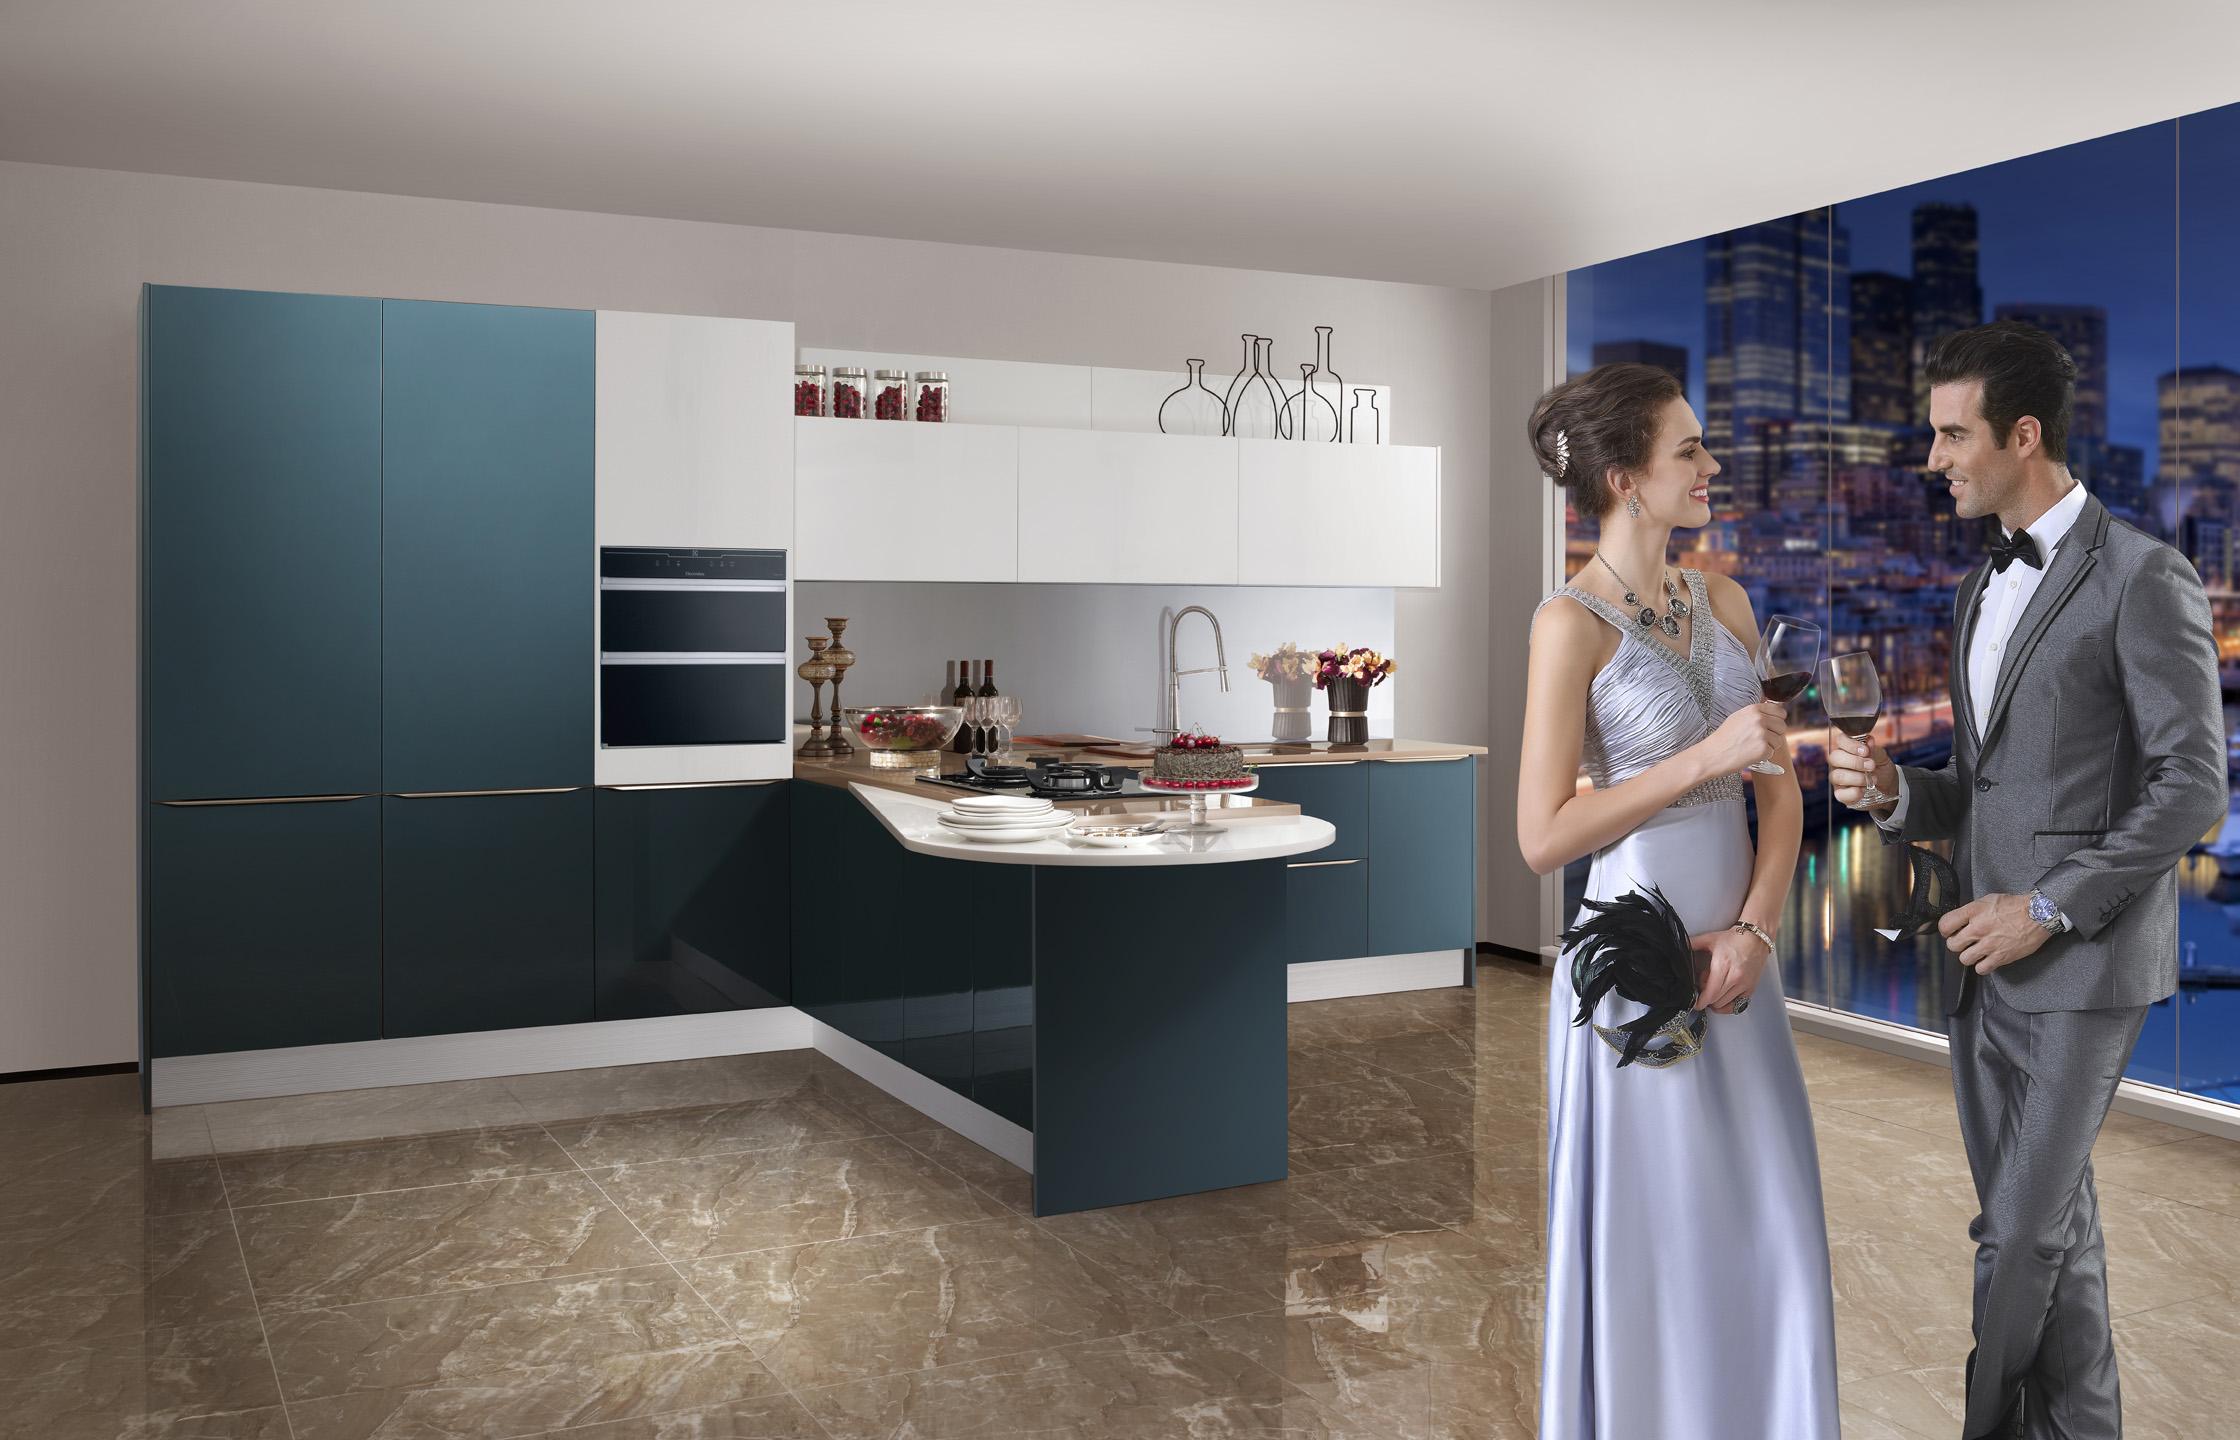 厨房图片来自北京司米家居有限公司在魅影的分享